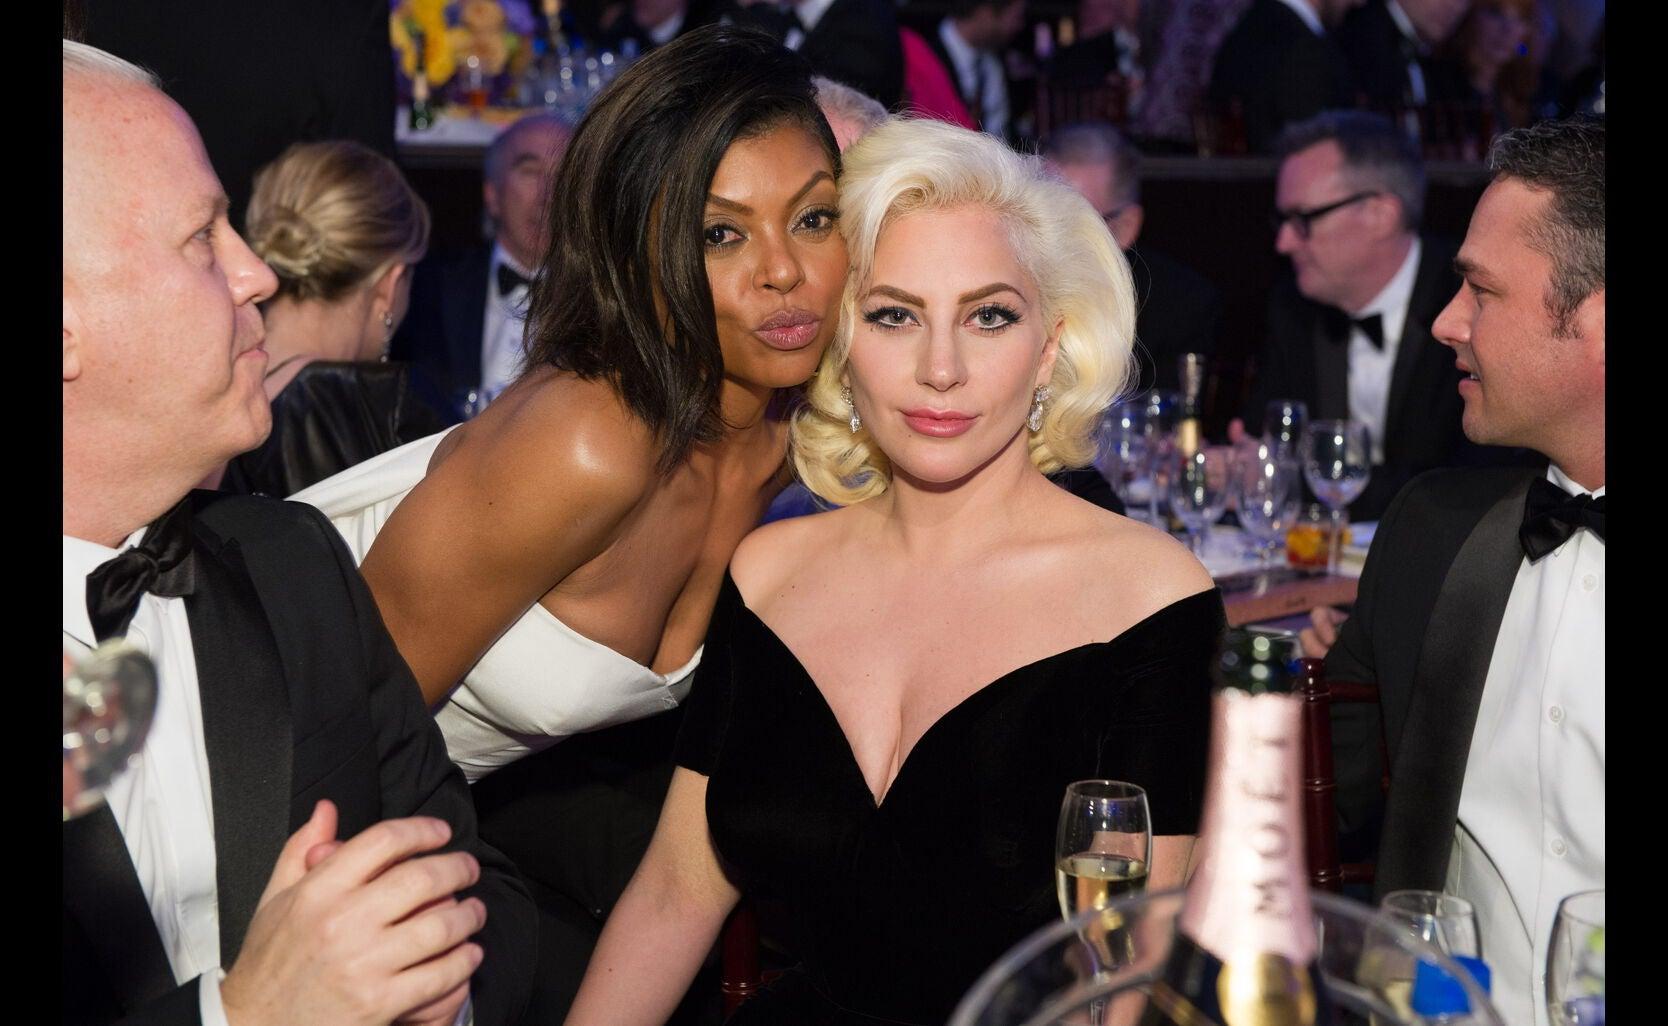 Taraji Henson and Lady Gaga at the 73rd Golden Globe Awards, January 2016